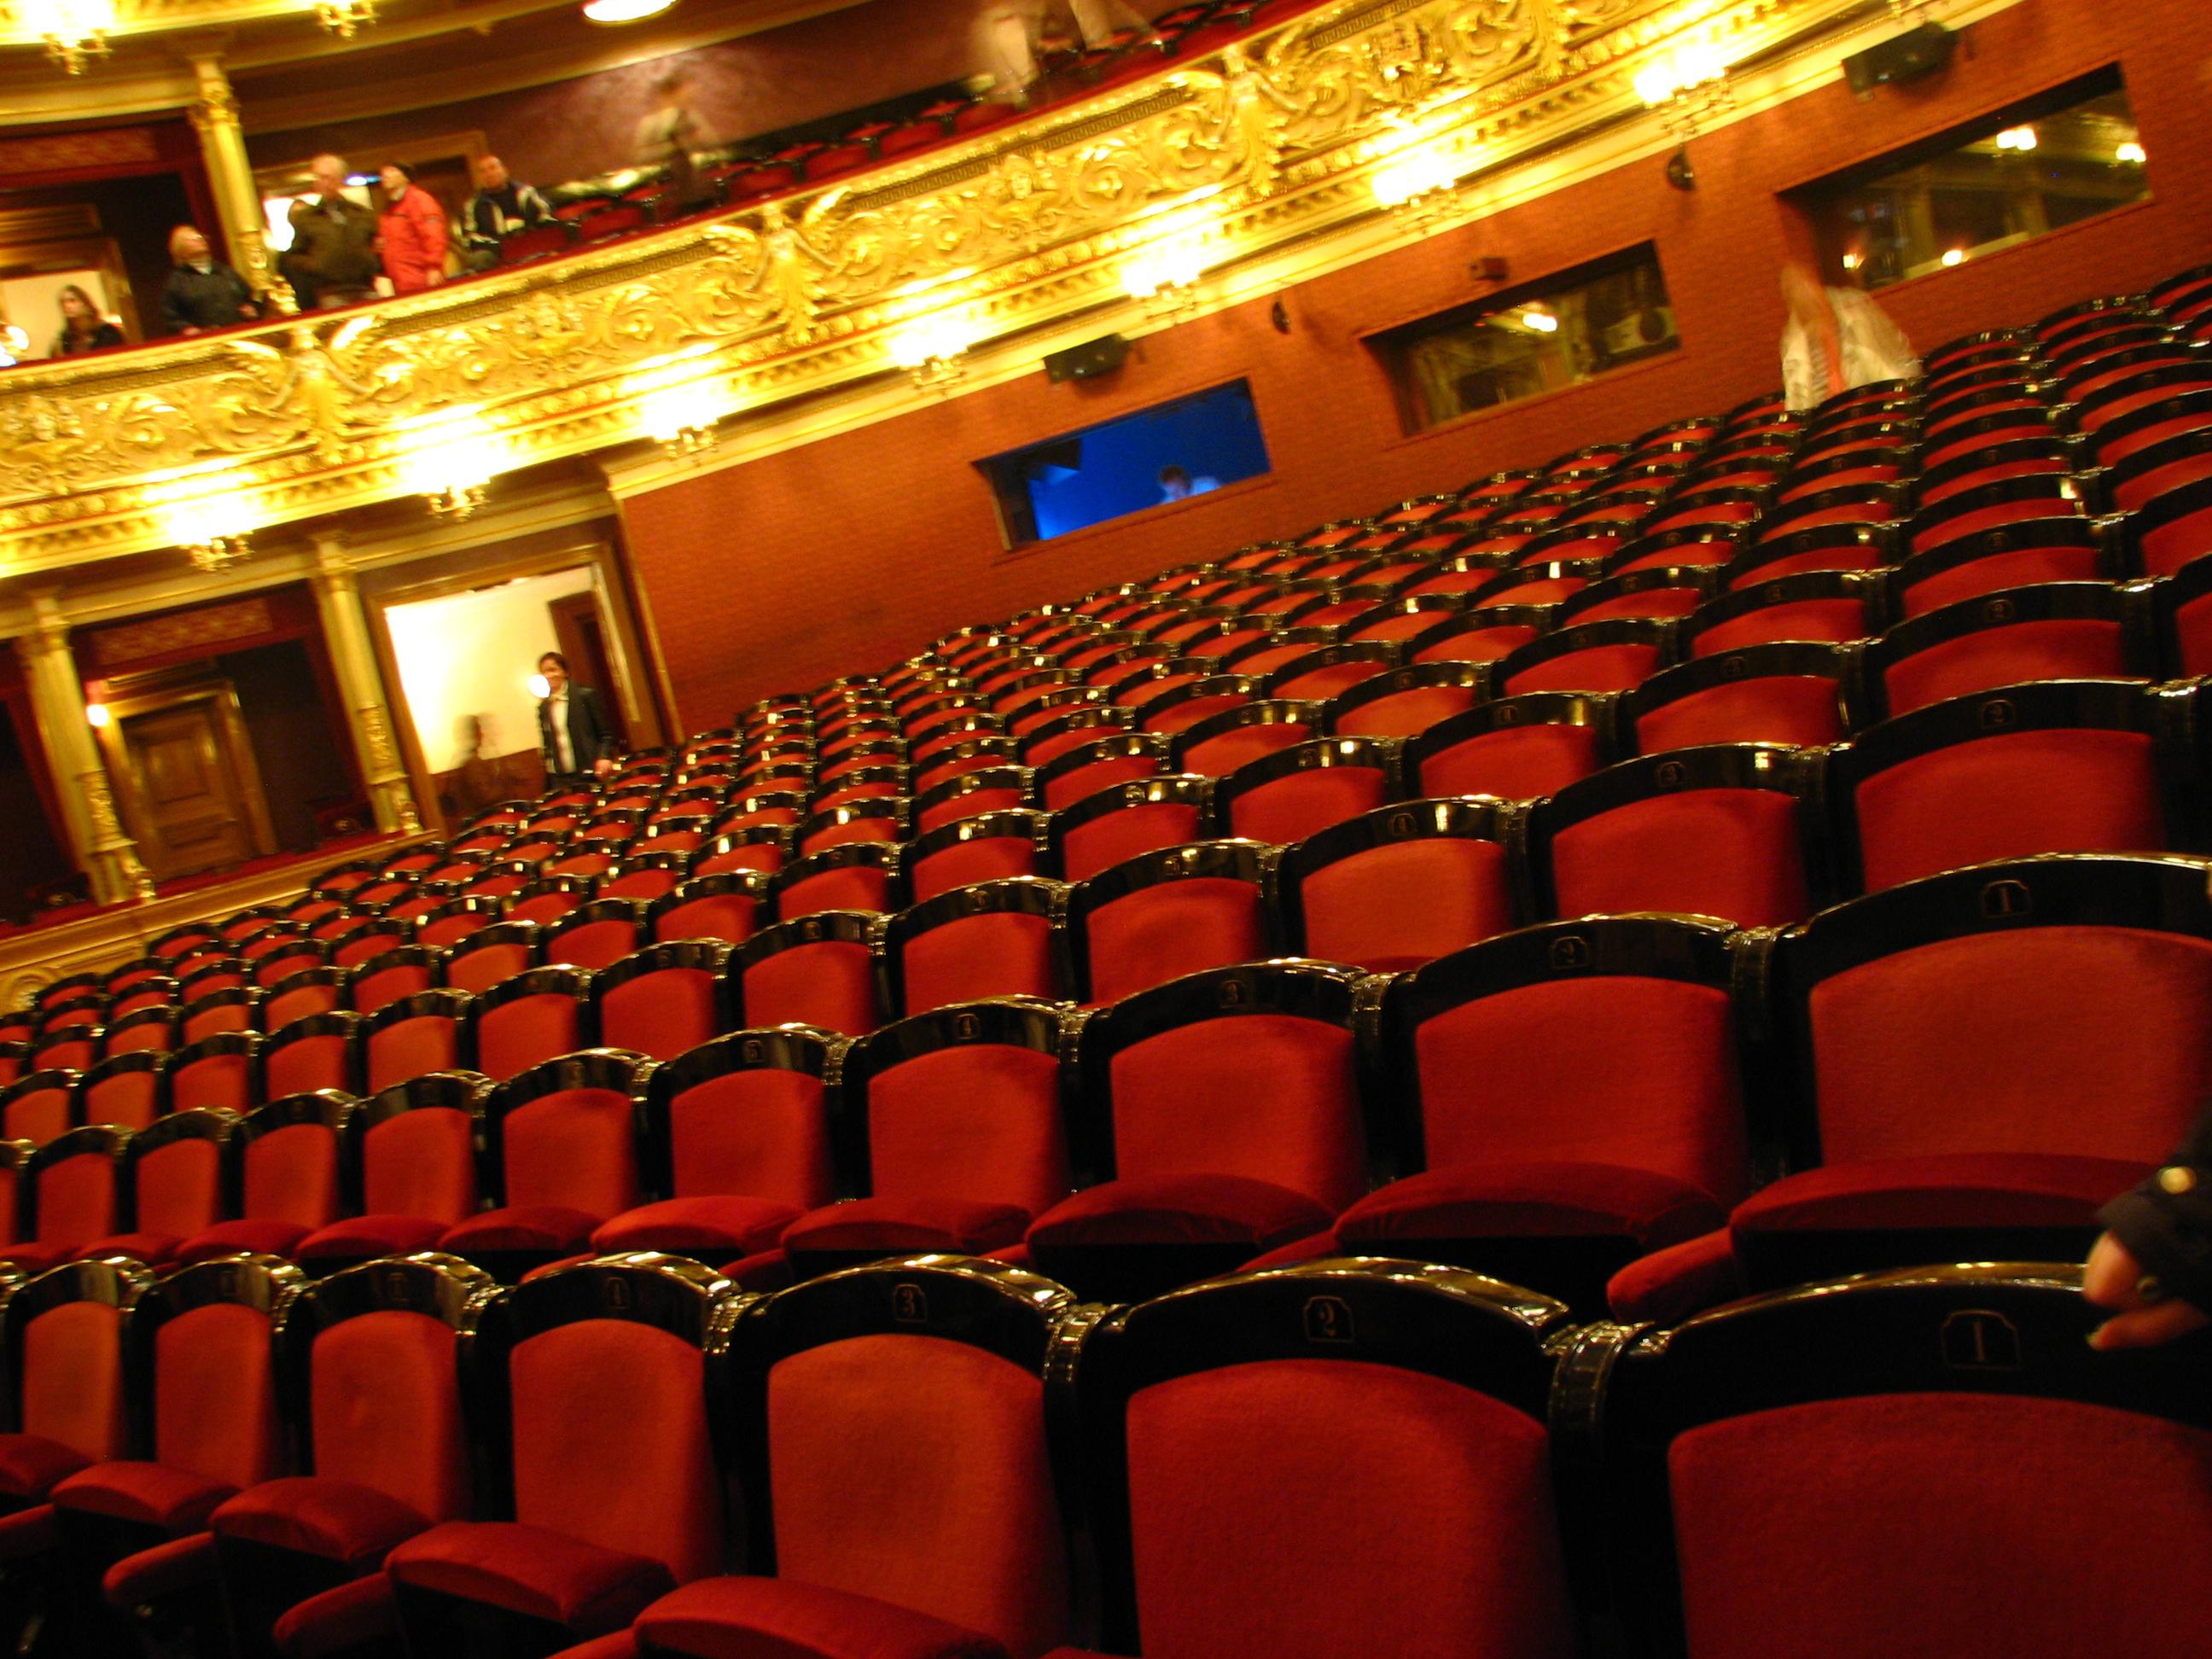 Hlediště národního divadla každého uvítá svými